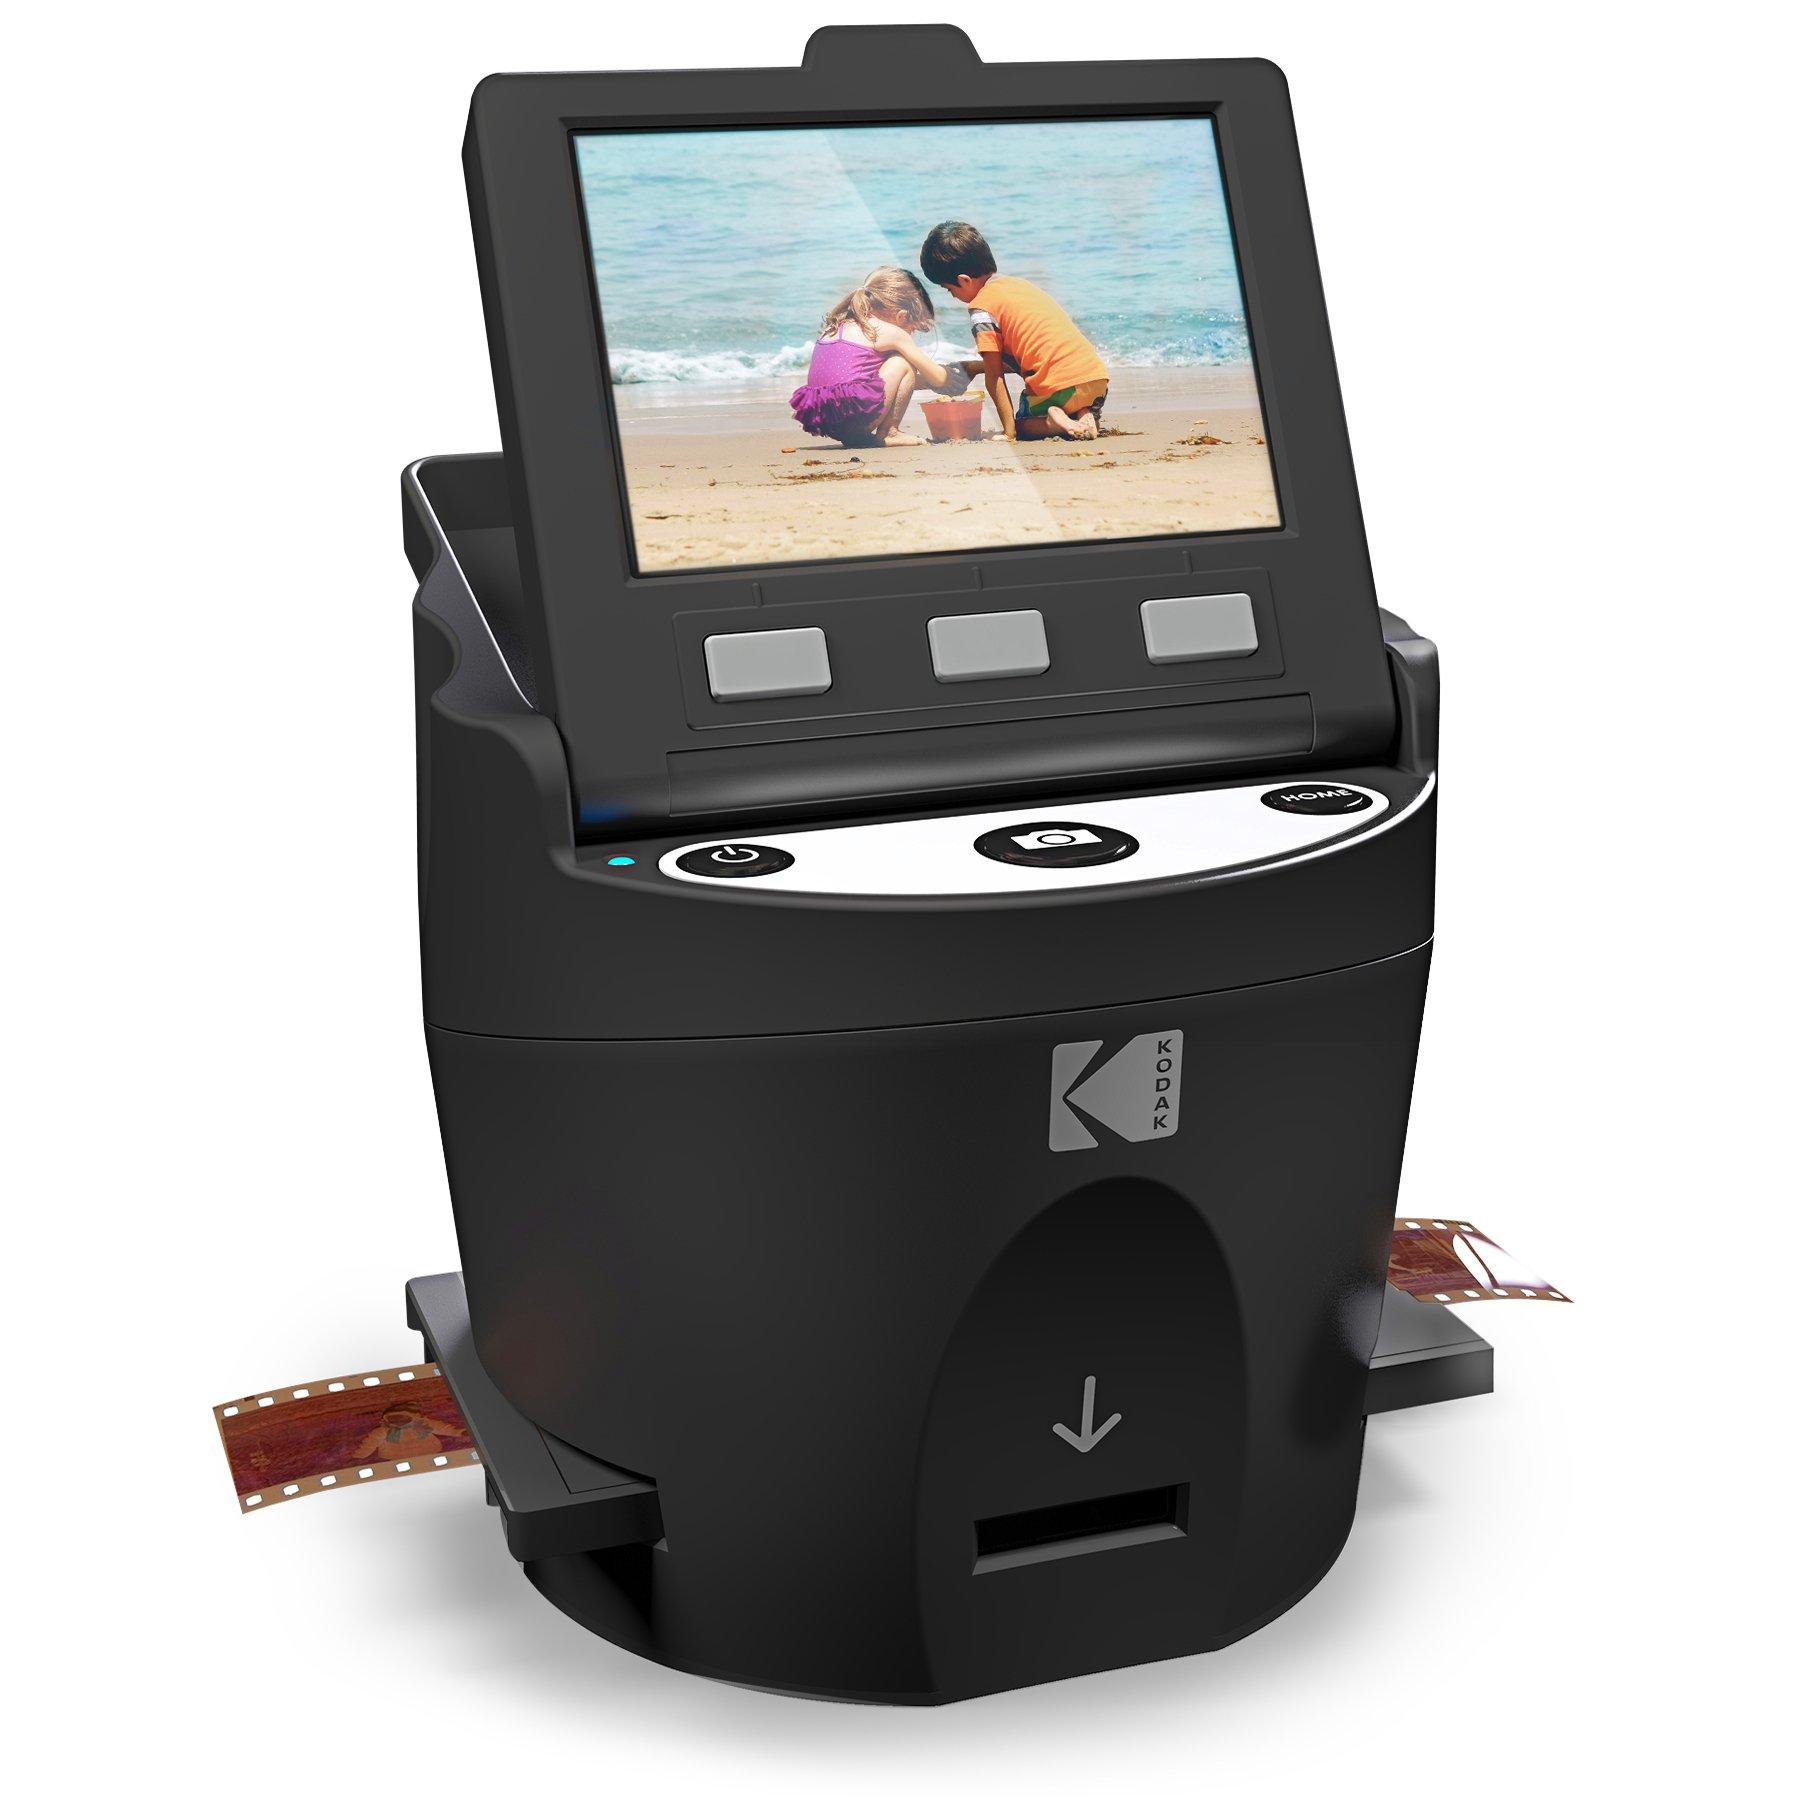 KODAK SCANZA Digital Film & Slide Scanner - Converts 35mm, 126, 110, Super 8 & 8mm Film Negatives & Slides to JPEG - Includes Large Tilt-Up 3.5'' LCD, Easy-Load Film Inserts, Adapters & More by KODAK